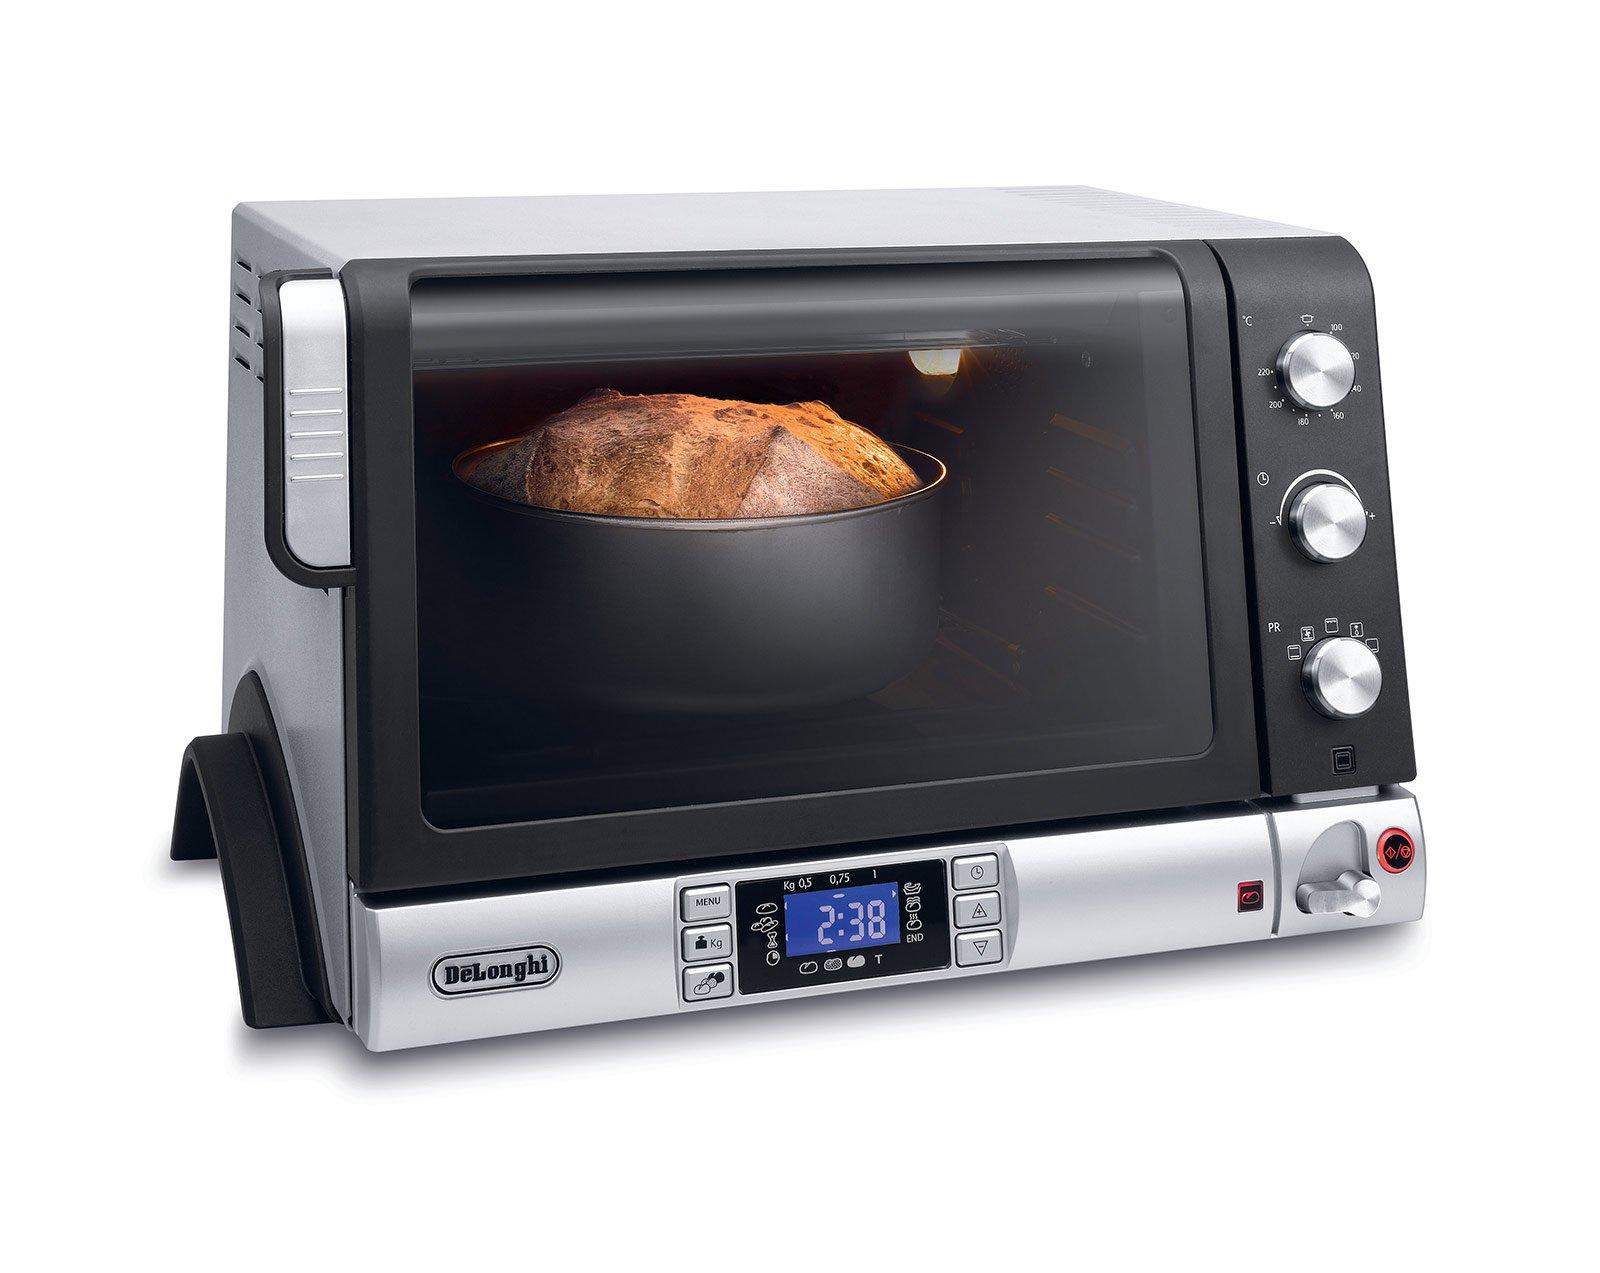 Macchine per il pane cose di casa - Forno microonde e tradizionale insieme ...